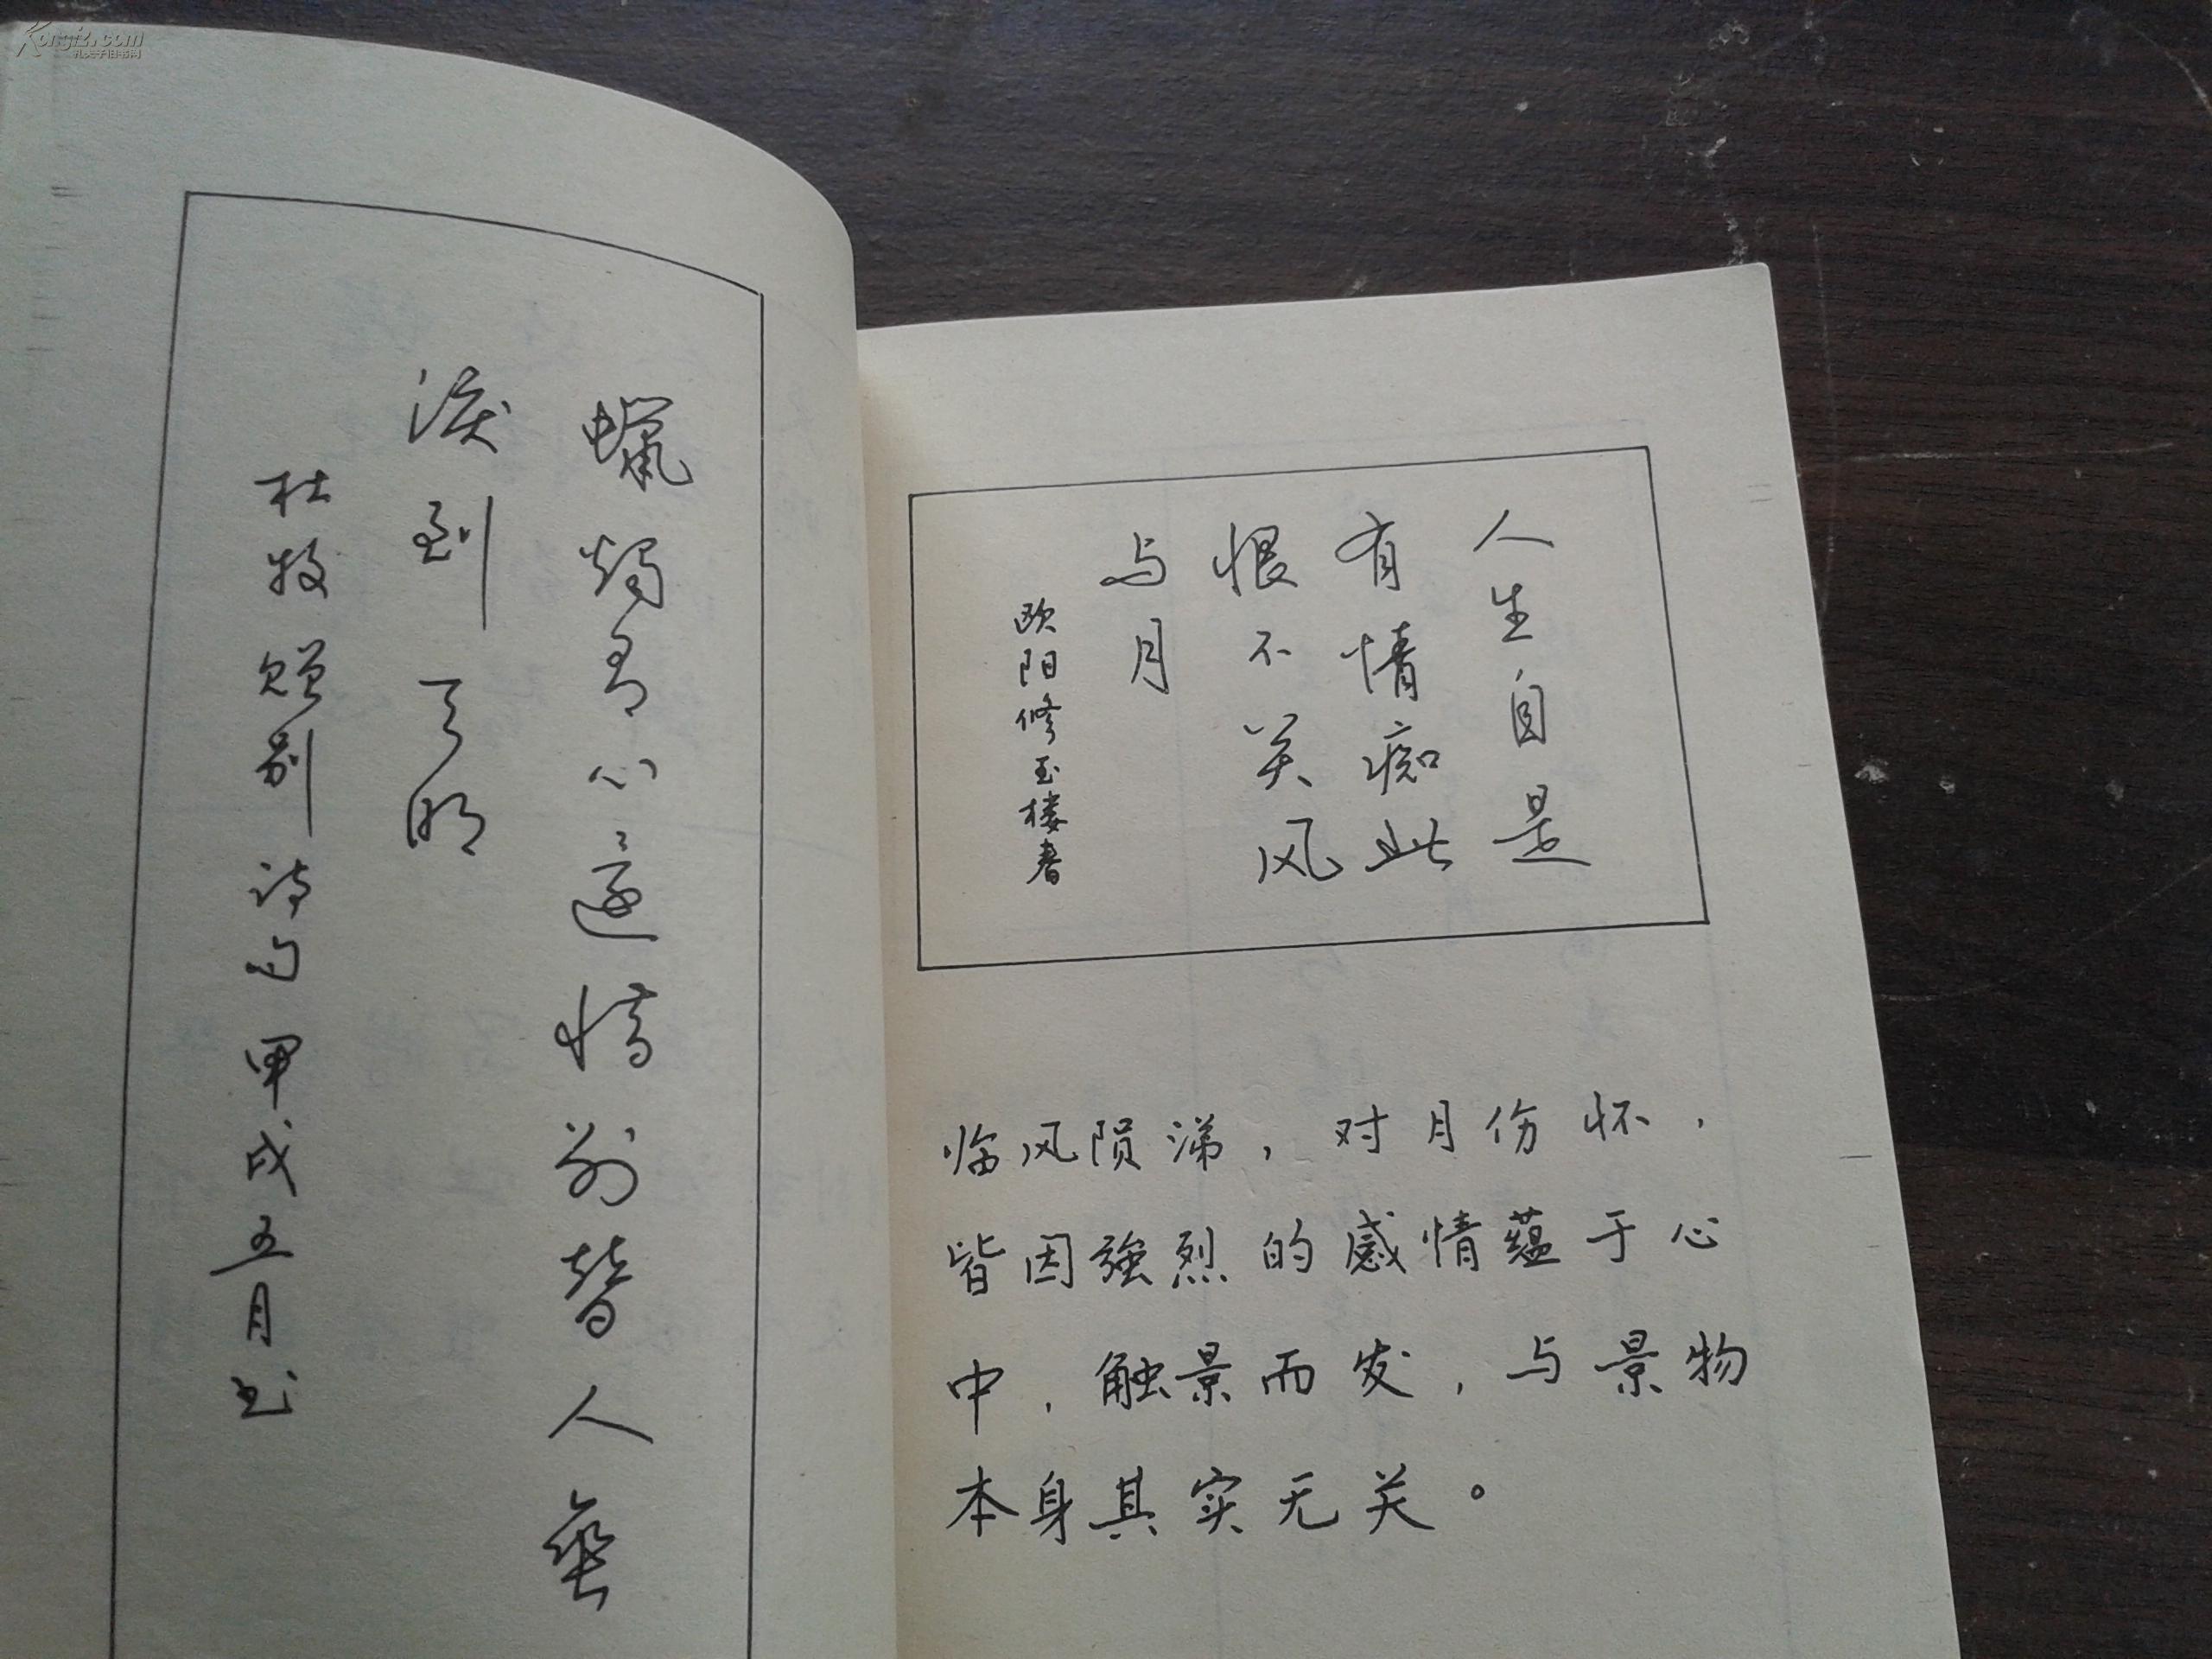 【图】钢笔字帖(古诗词叙情名句图片